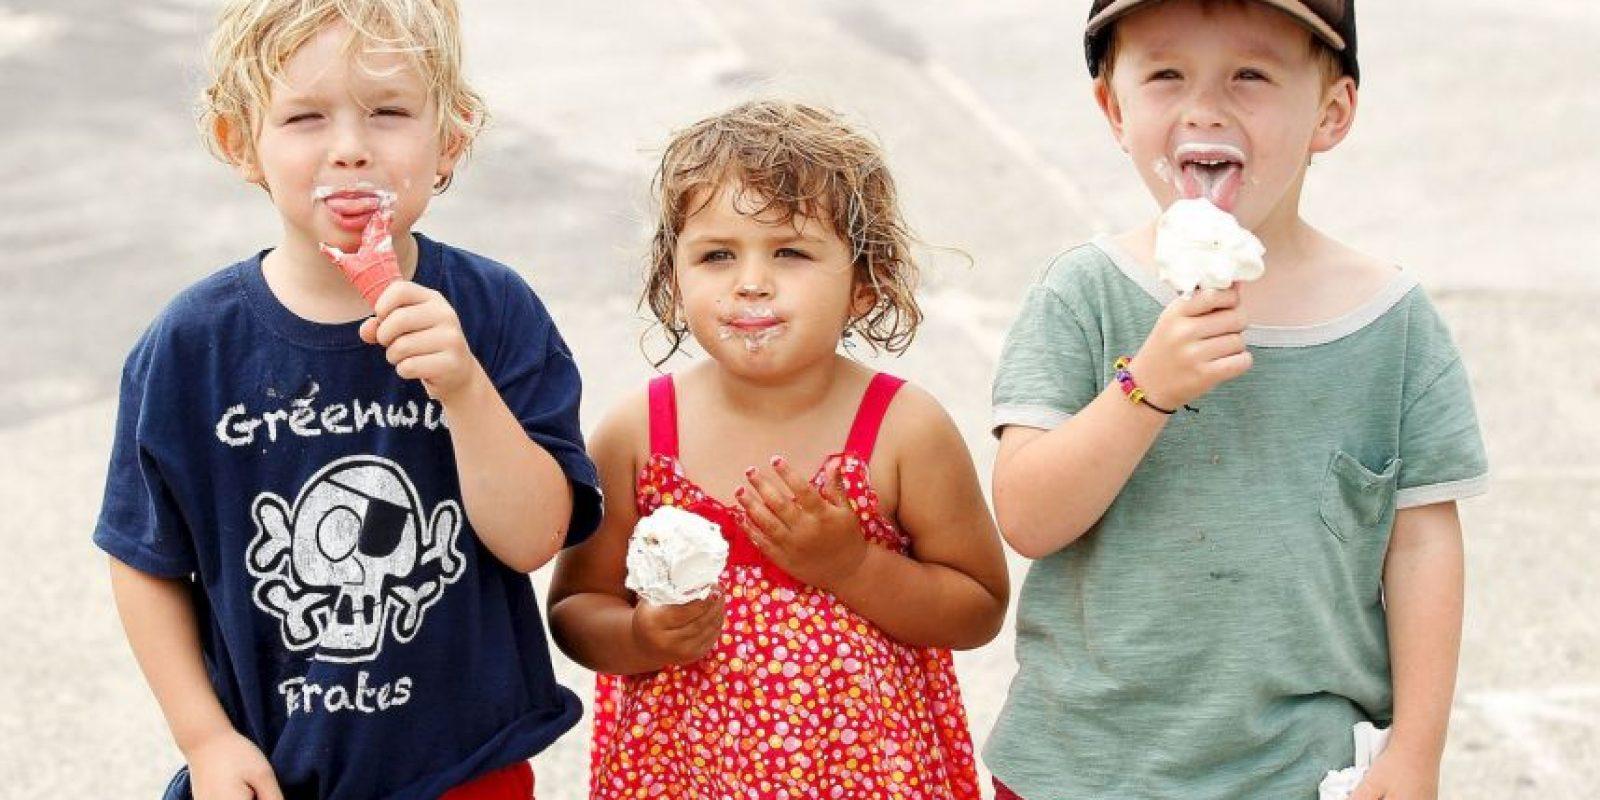 Y comidas ricas en colesterol, grasas saturadas, sal, azúcar y alcohol. Foto:Getty Images